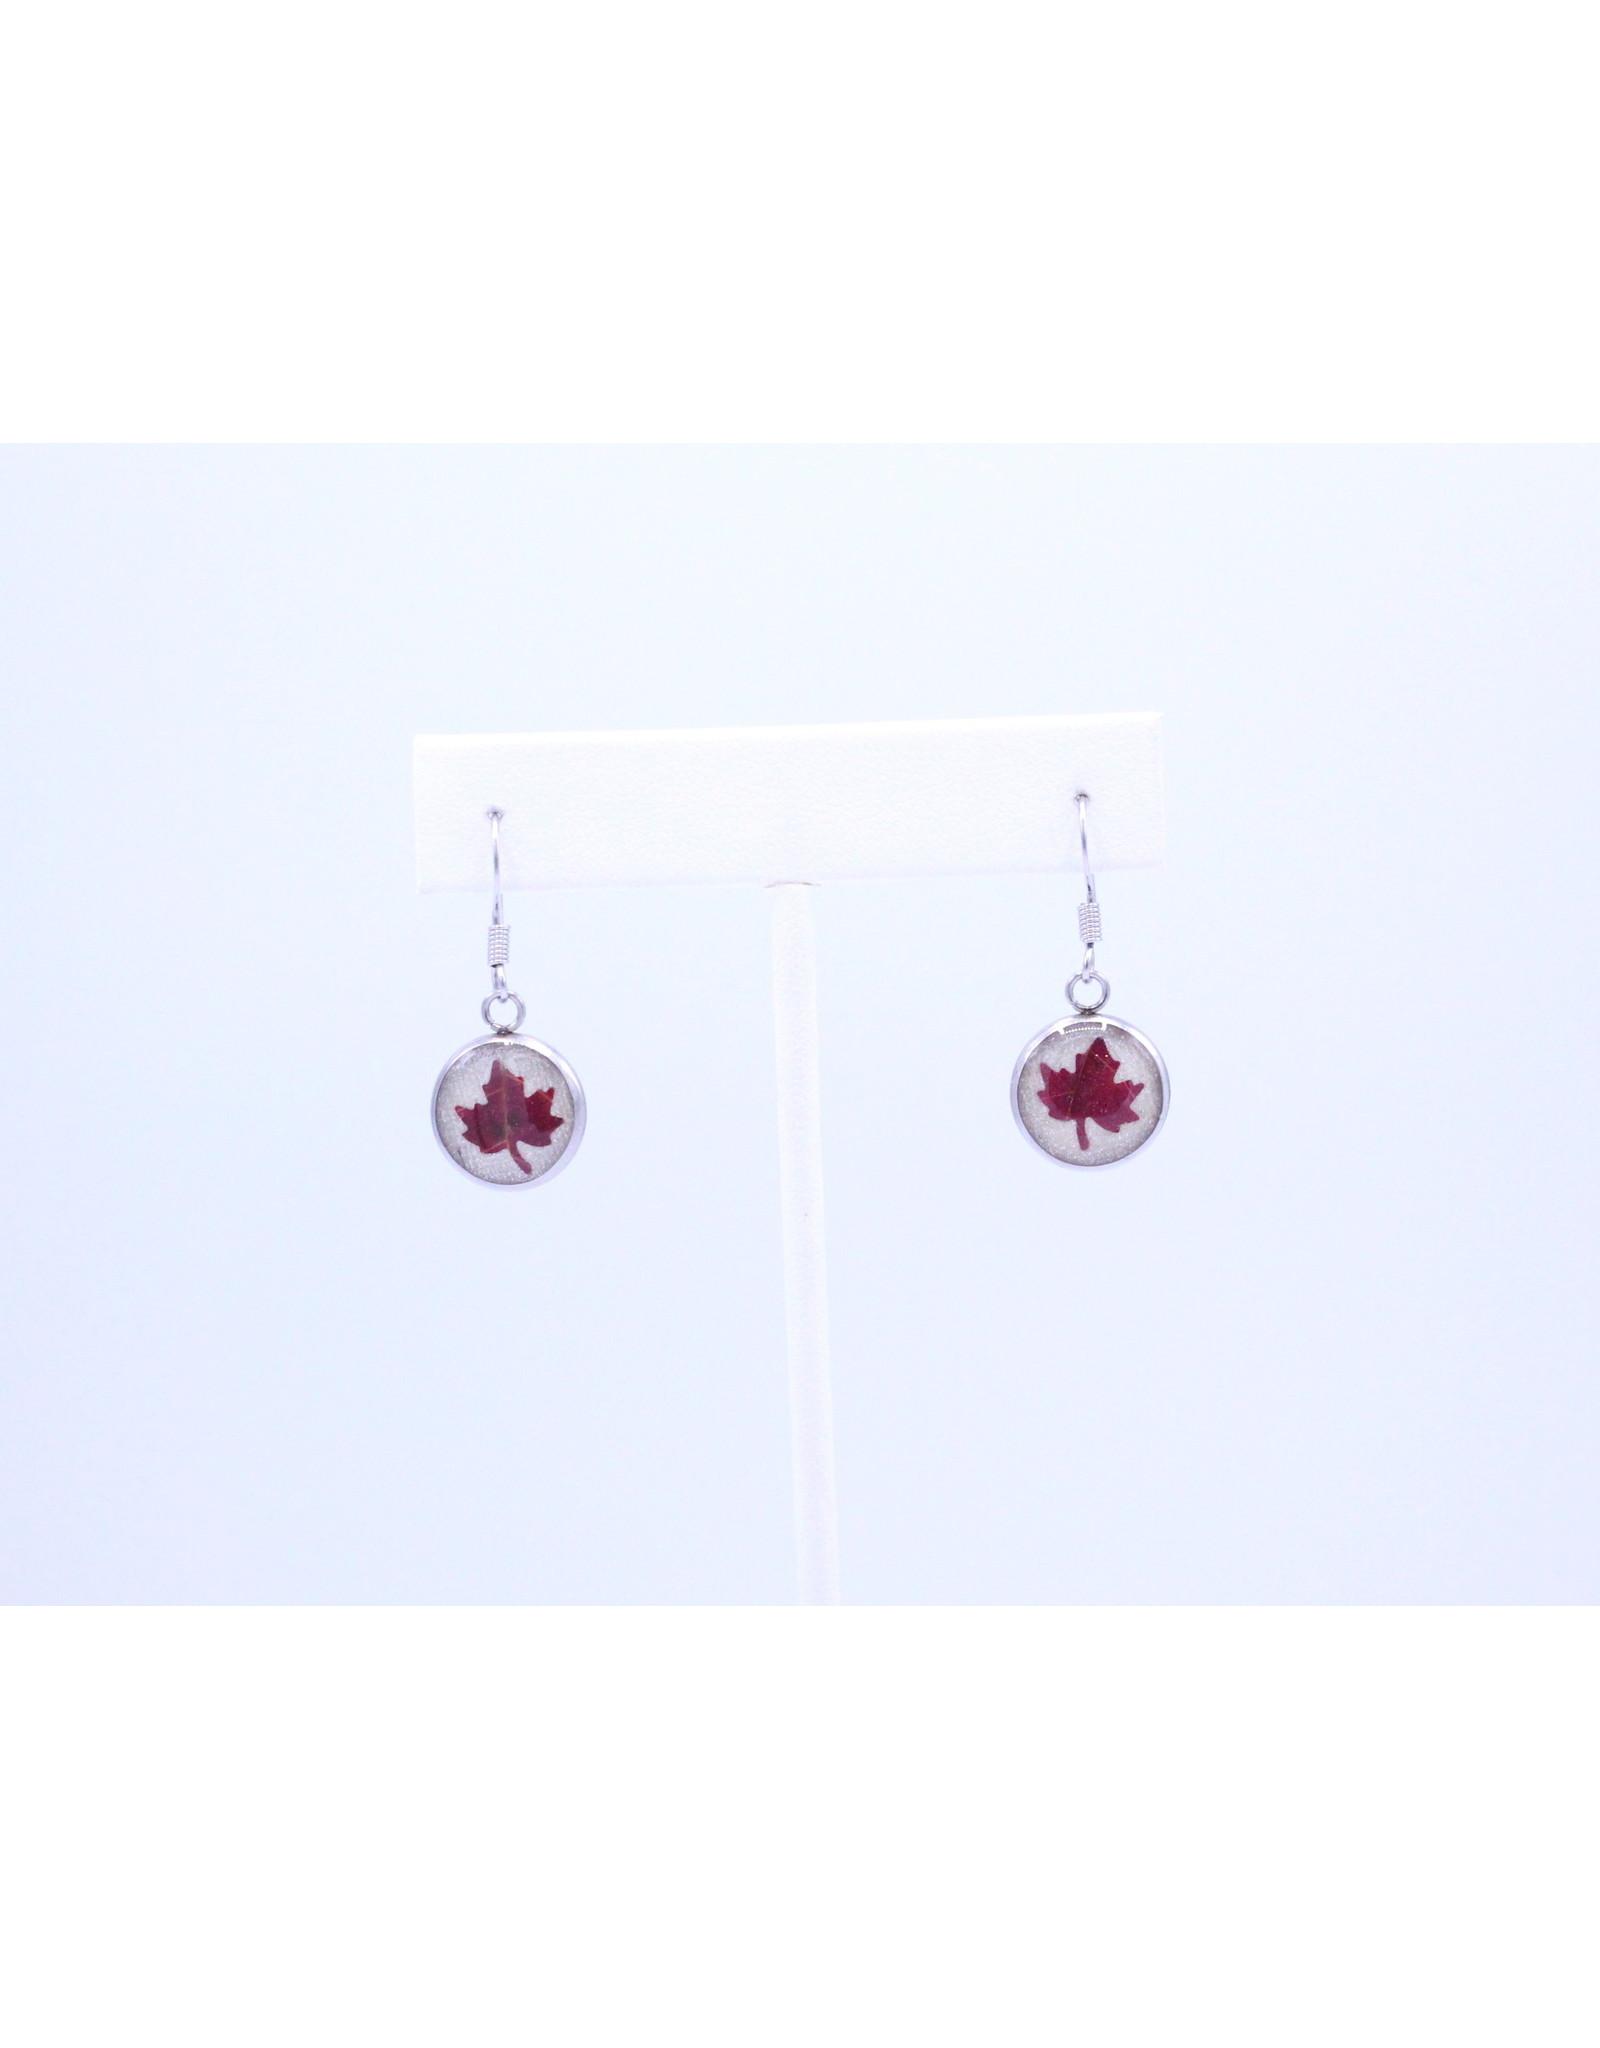 12mm Drop Maple Leaf Earrings White - J12DMLW2